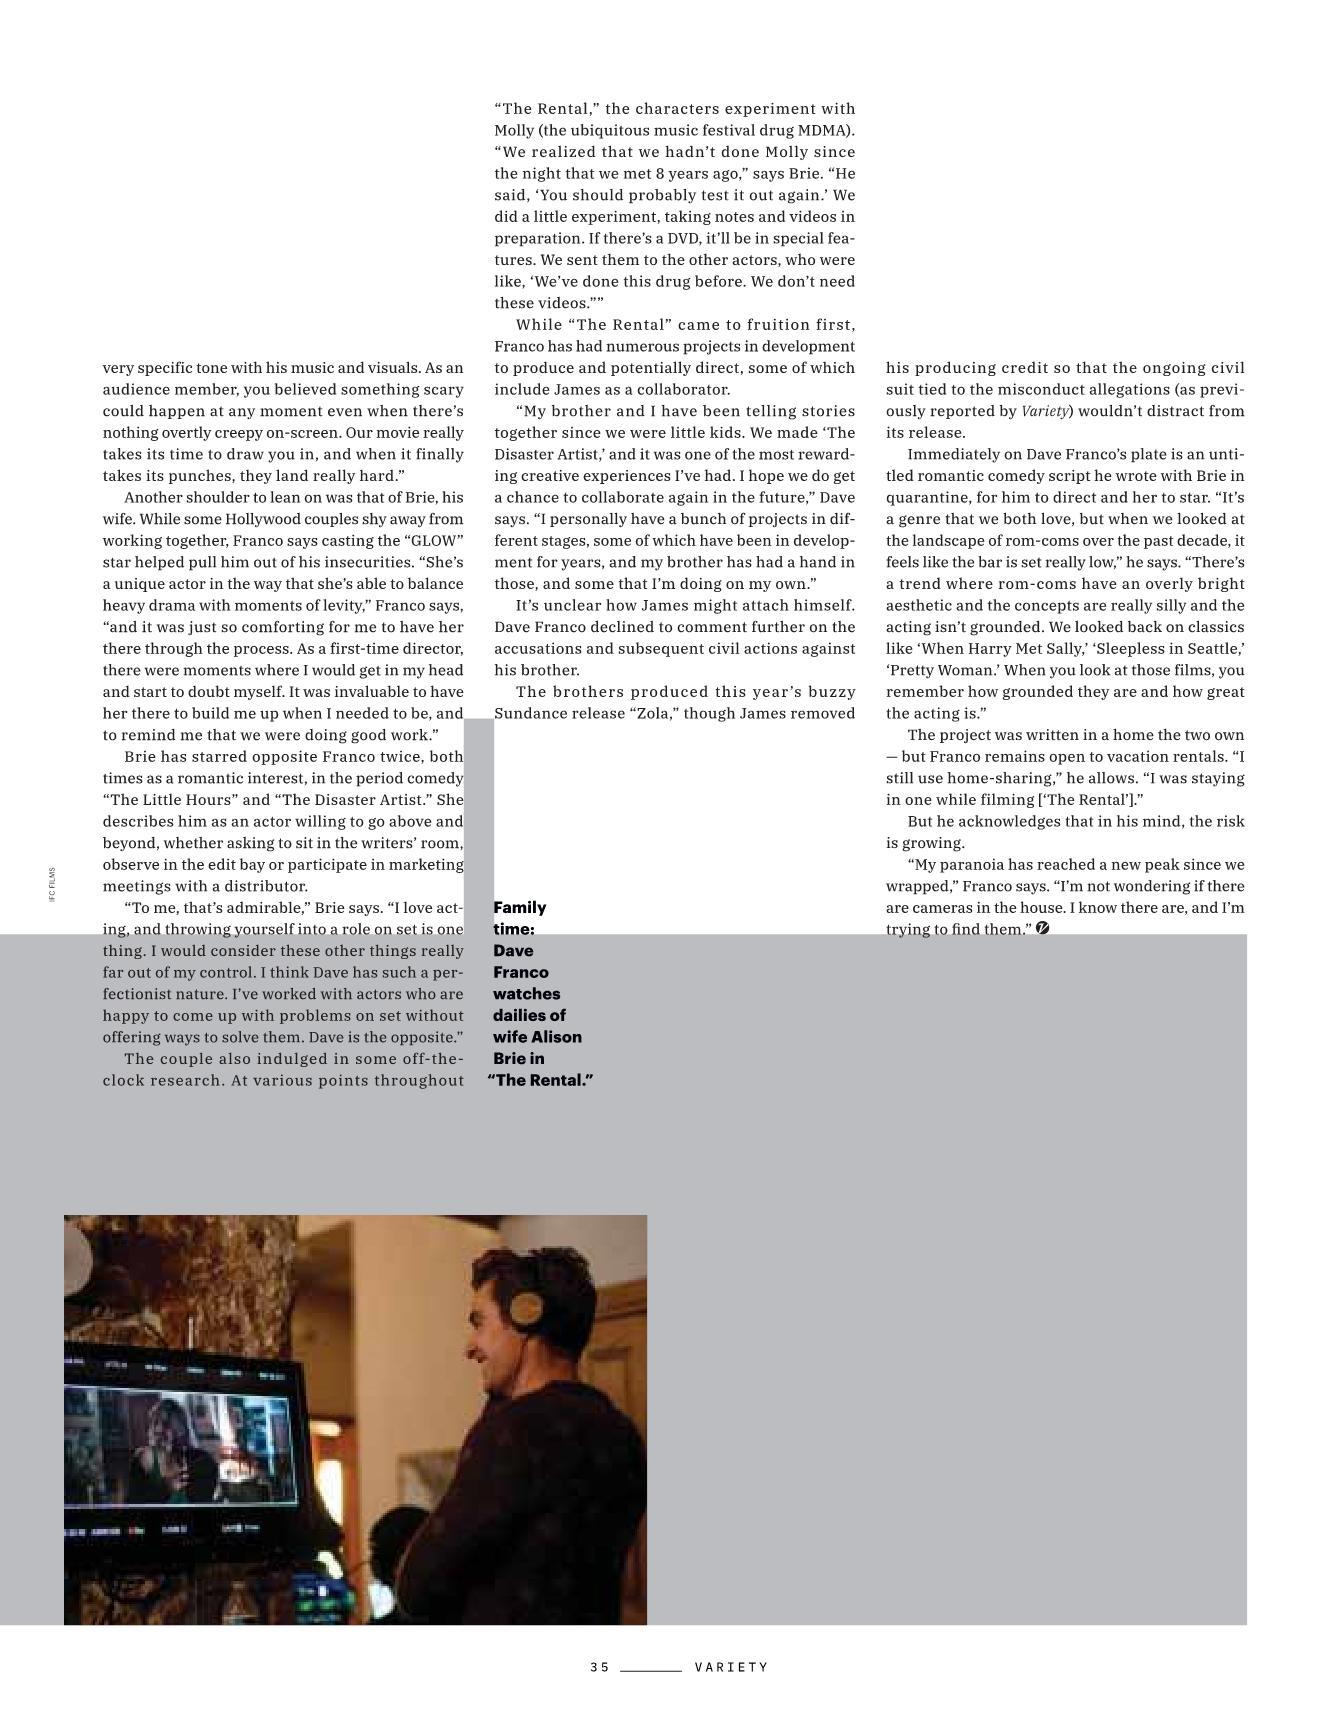 Variety_2020Jul14_007_DFF.jpg